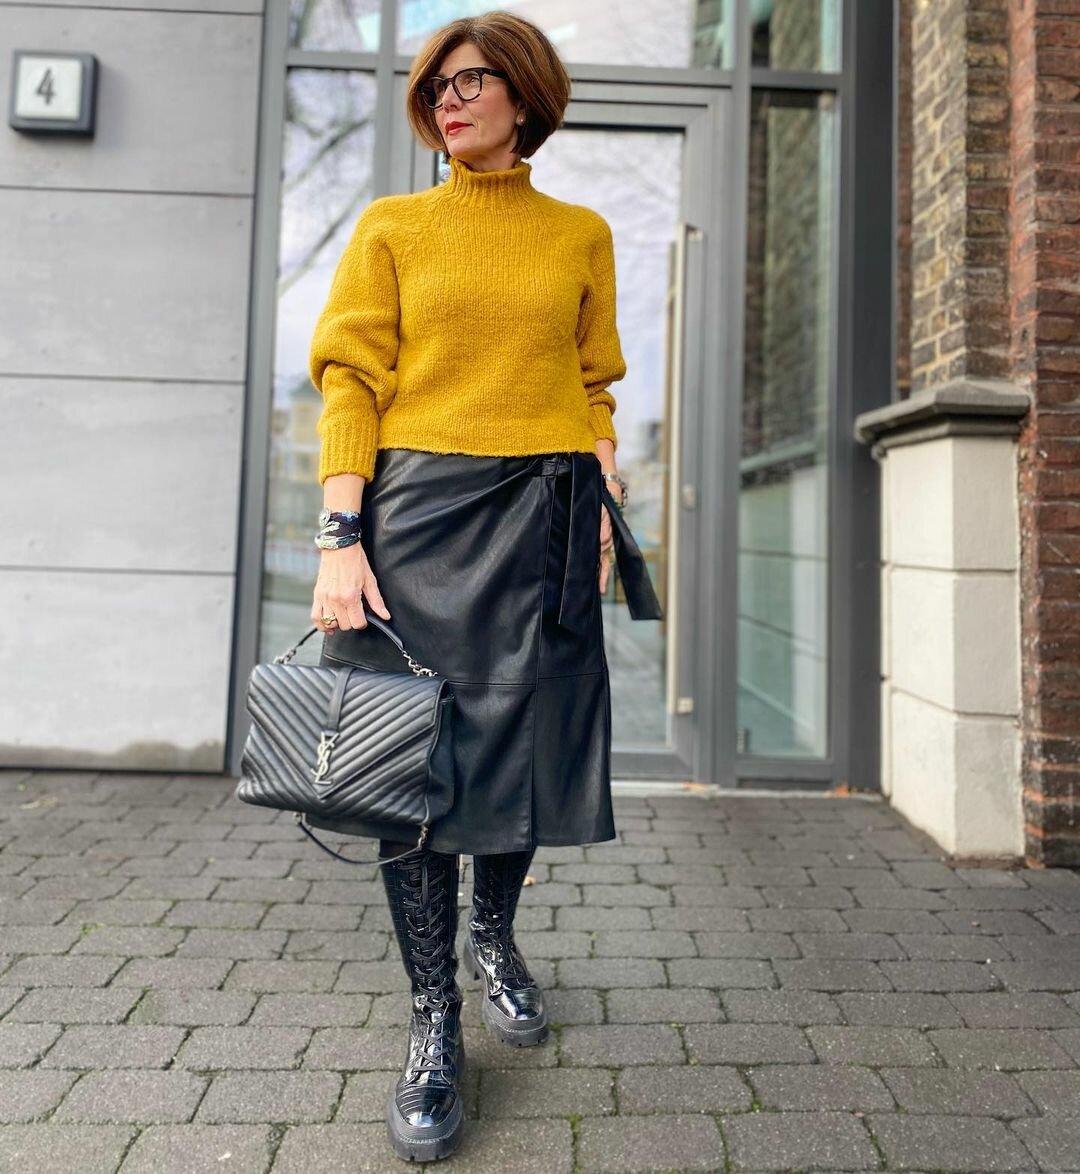 @ich_bins_griseldis / Яркий свитер делает образ необычным. /Фото: instagram.com